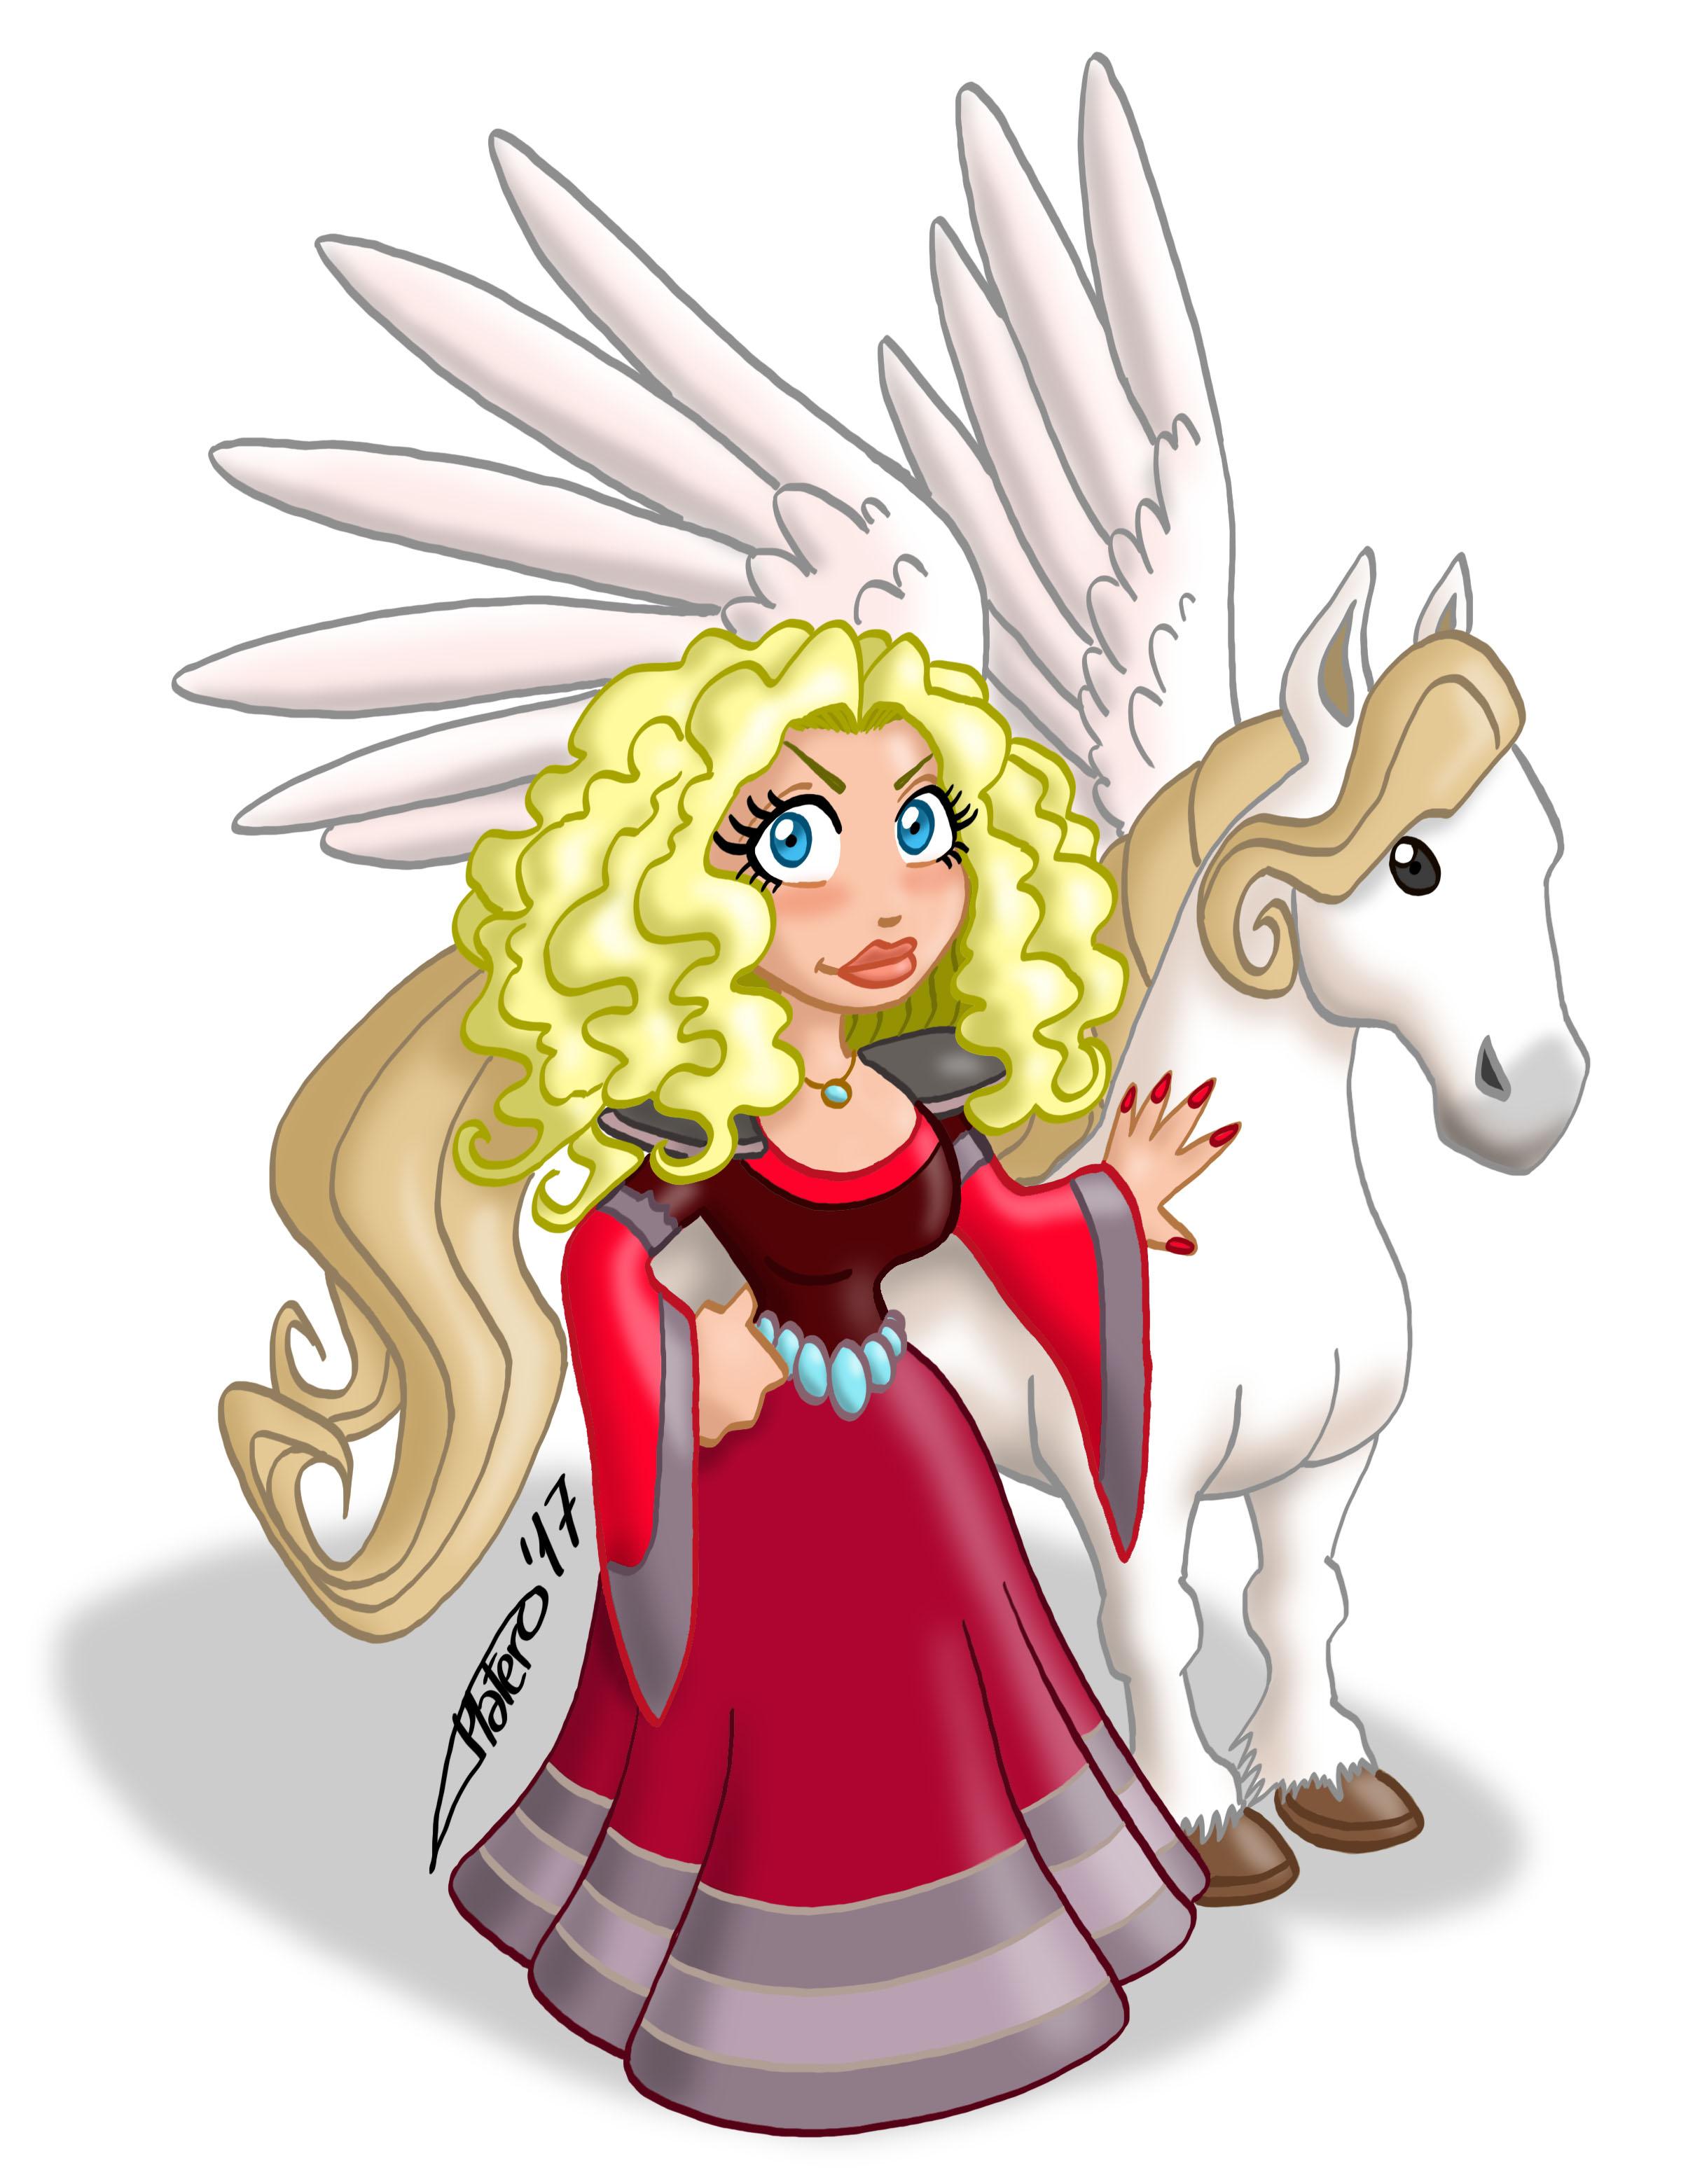 princesa_pegaso_jose_luis_platero_fantasia_dibujo_ilustracion